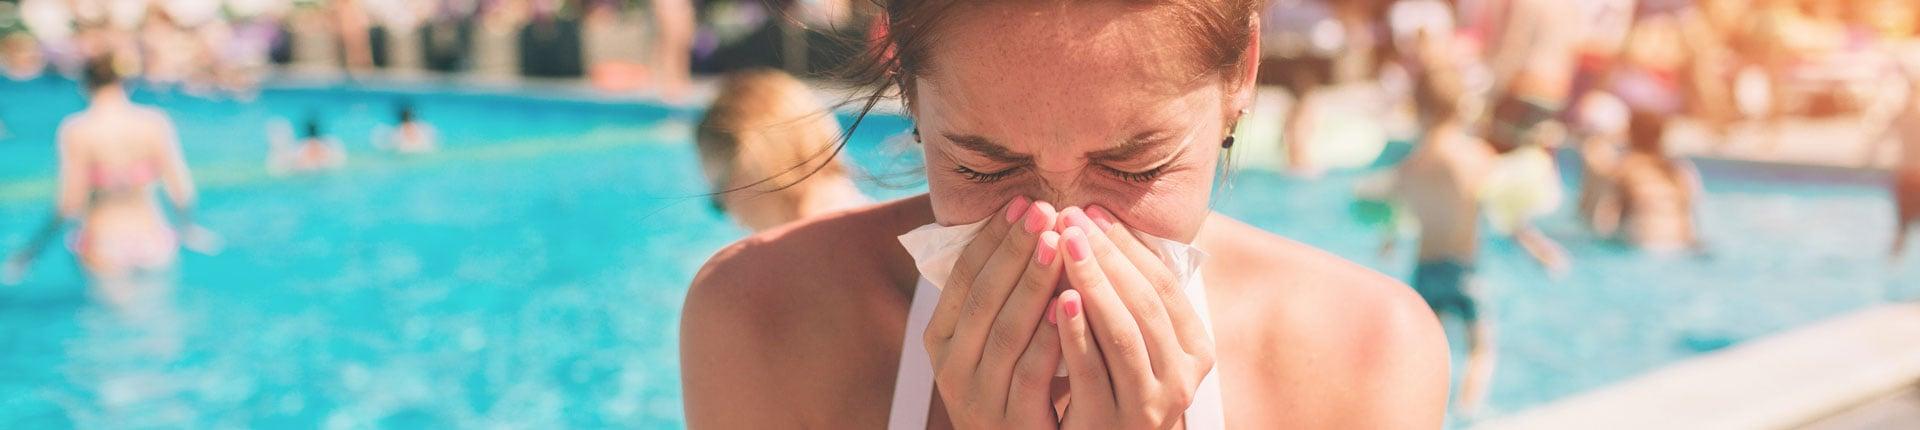 Letnie infekcje i przeziębienie. Jak nie zachorować latem?